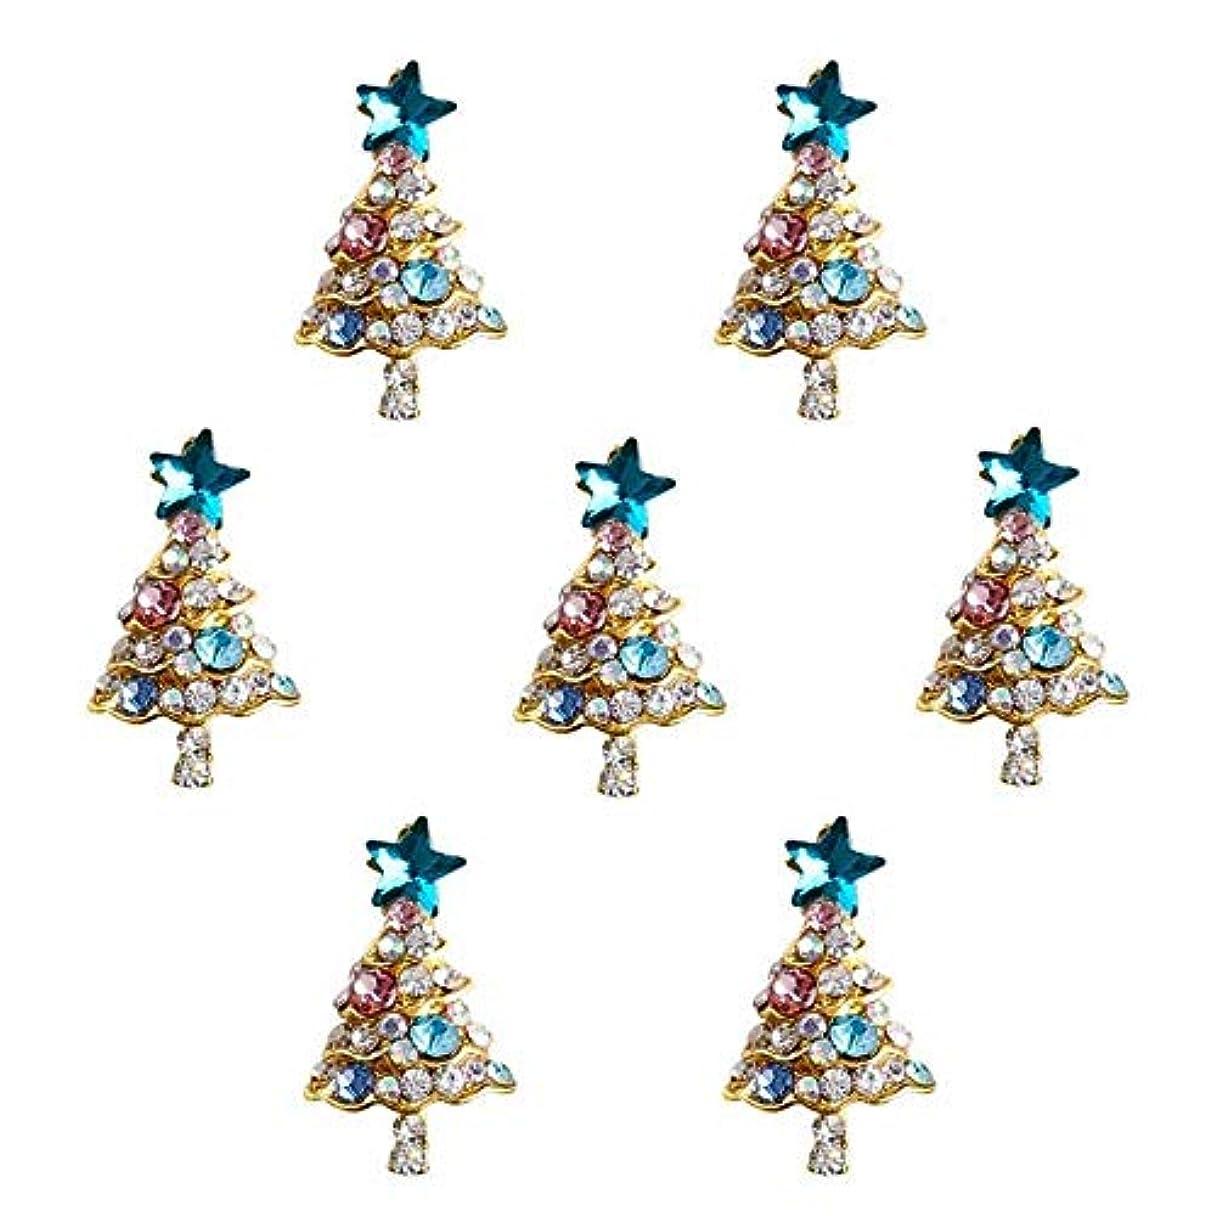 スカウト国籍純正10個入り/ロット3Dラインストーンの装飾ブルーグリッタースタークリスマスツリーのデザイン接着剤ネイルアートDIYスタッドは、合金用品